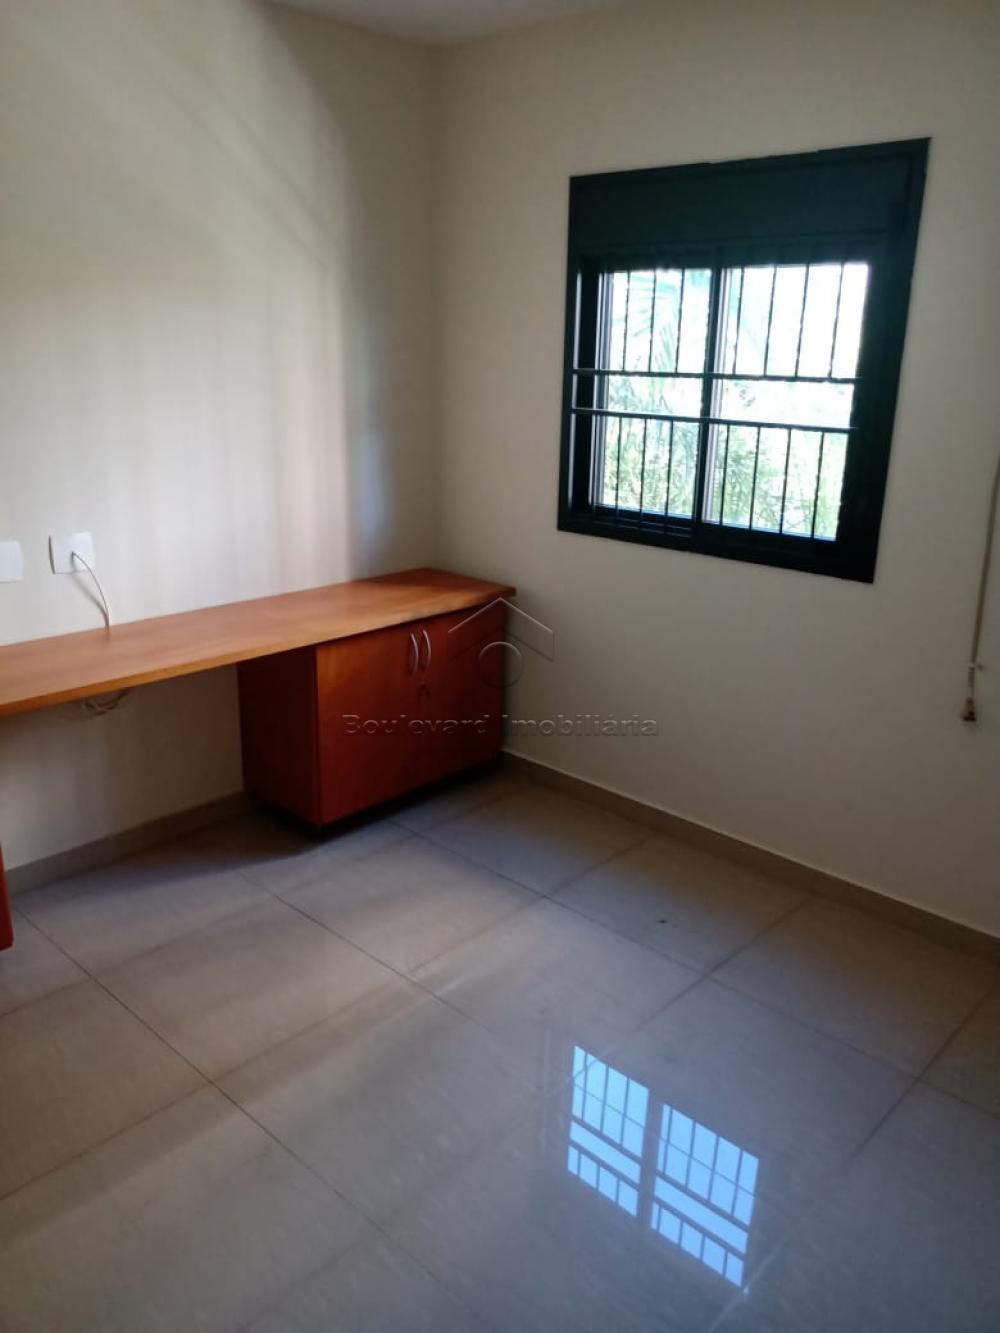 Alugar Apartamento / Padrão em Ribeirão Preto apenas R$ 2.400,00 - Foto 11